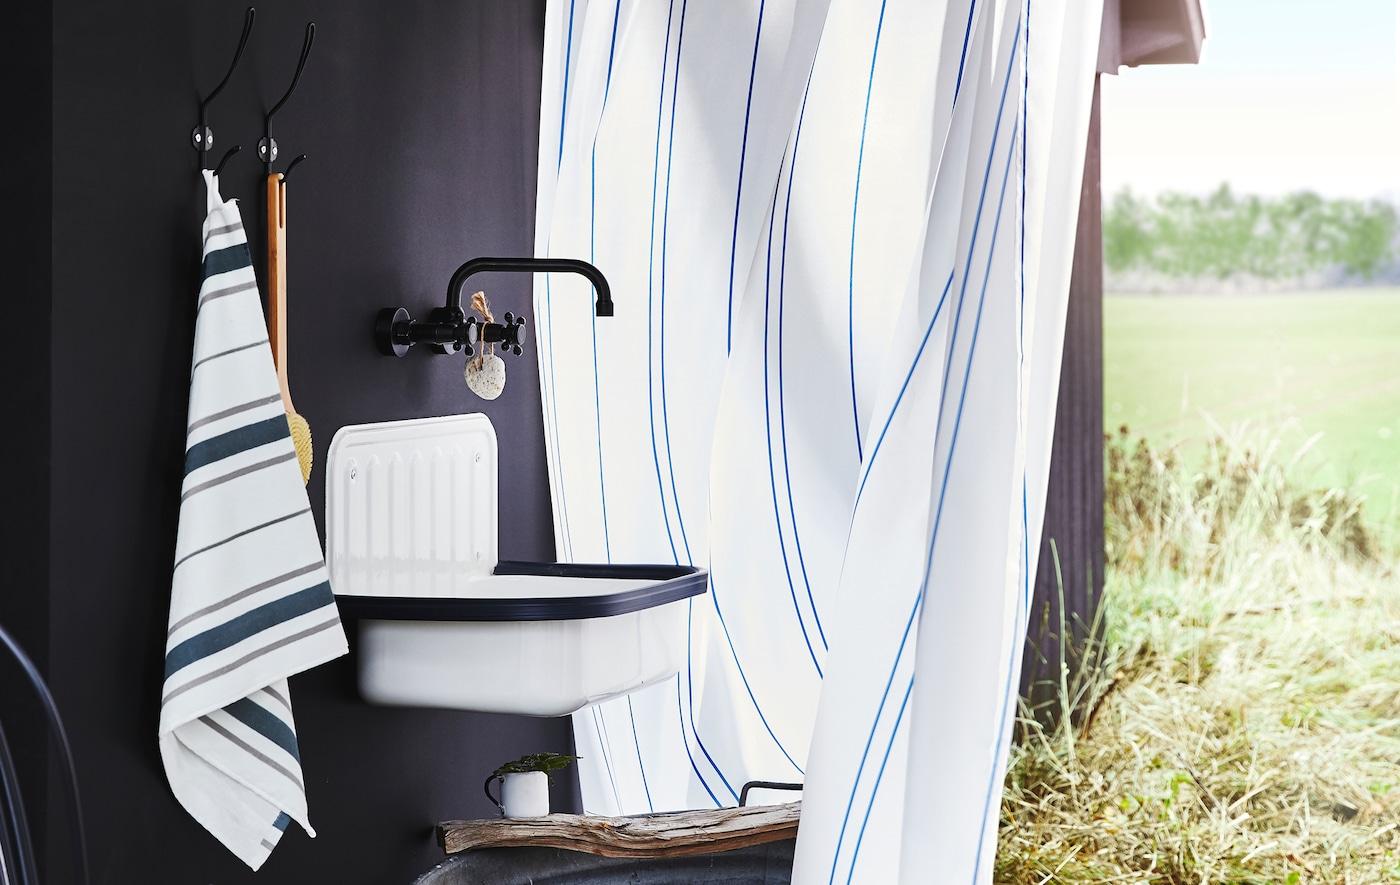 Törölköző, kampók, mosdó és csap a fekete fal előtt, háttérben csíkos zuhanyfüggöny.